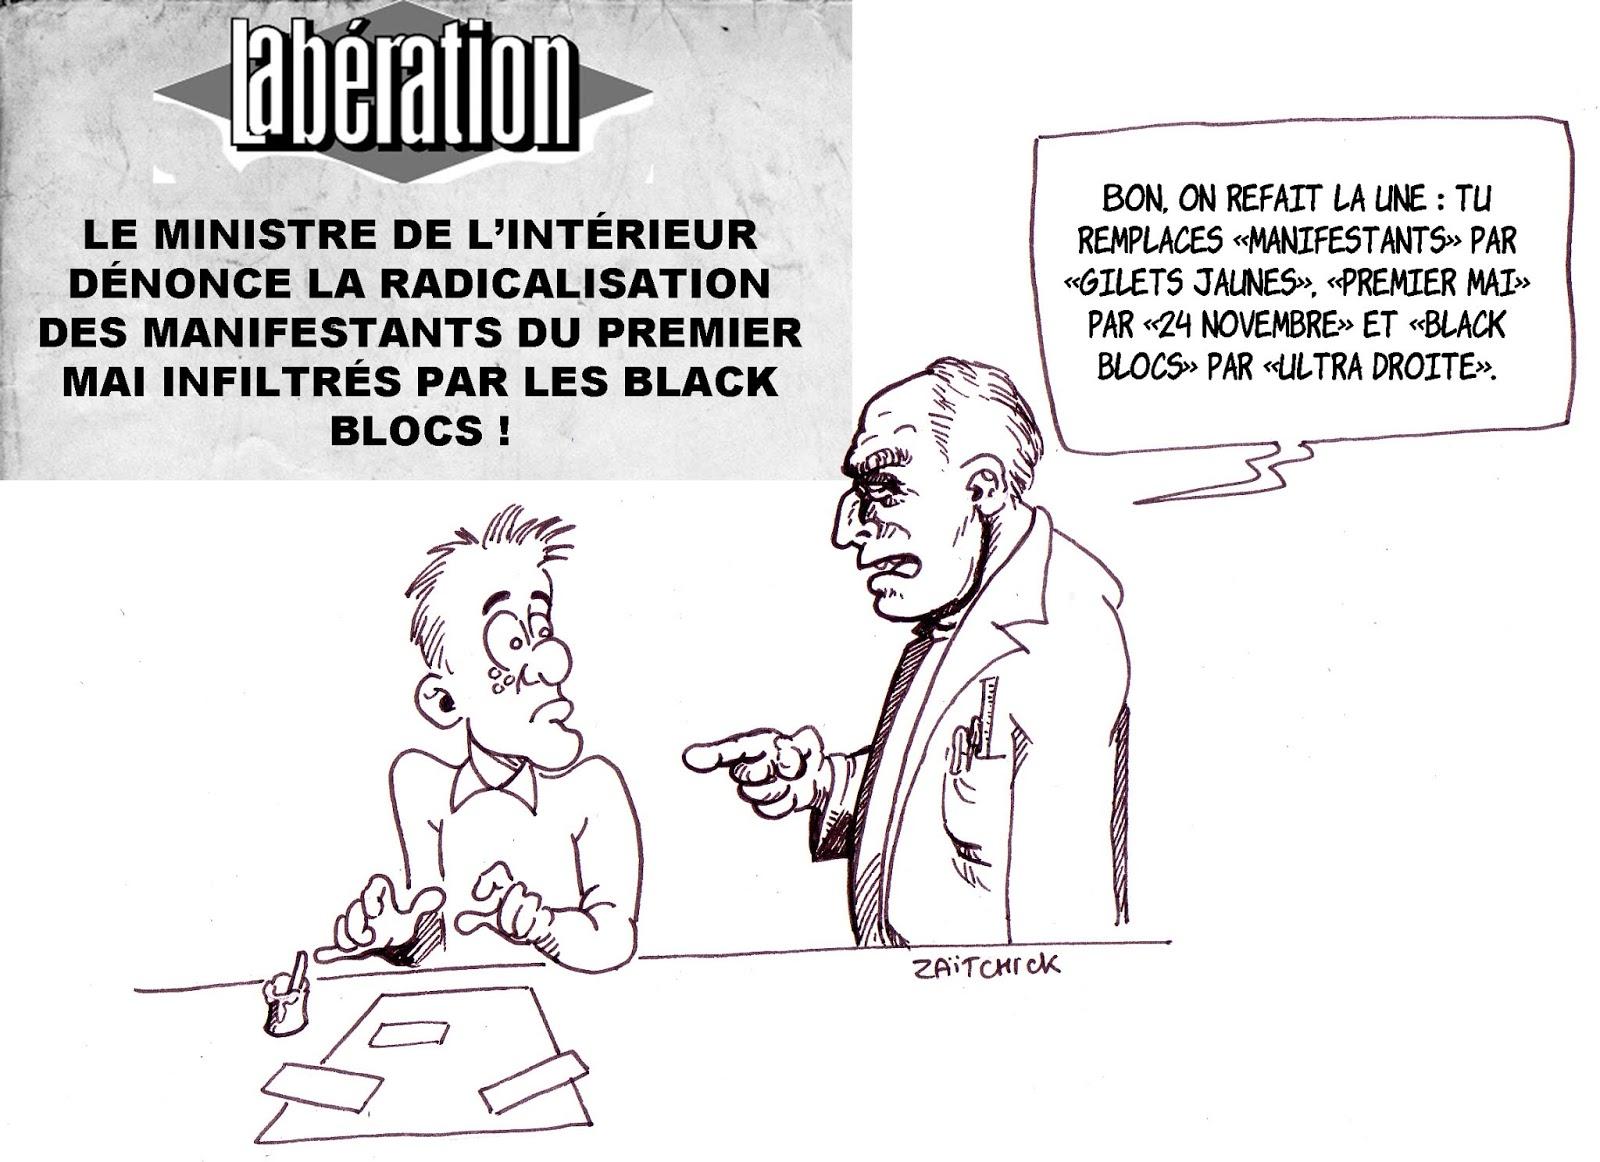 Zaitchick S Blog Du Jaune A La Une